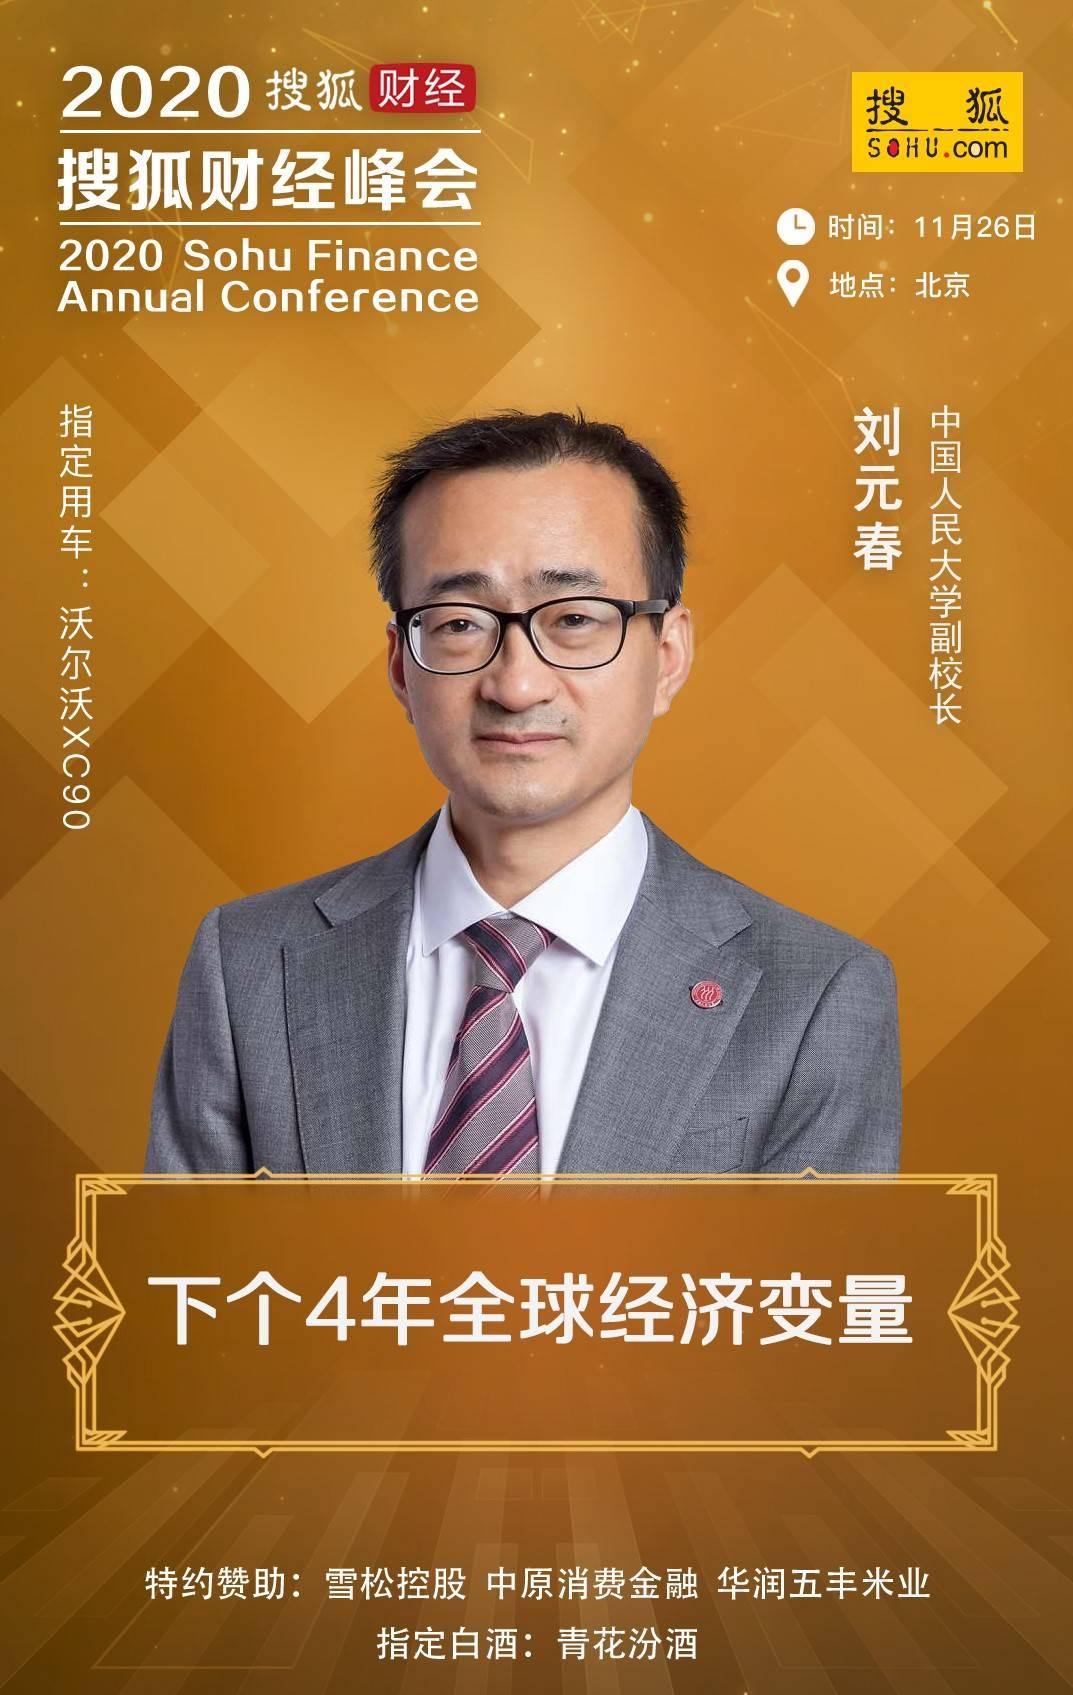 中国人民大学副校长刘元春,确认出席2020搜狐财经峰会并发表演讲